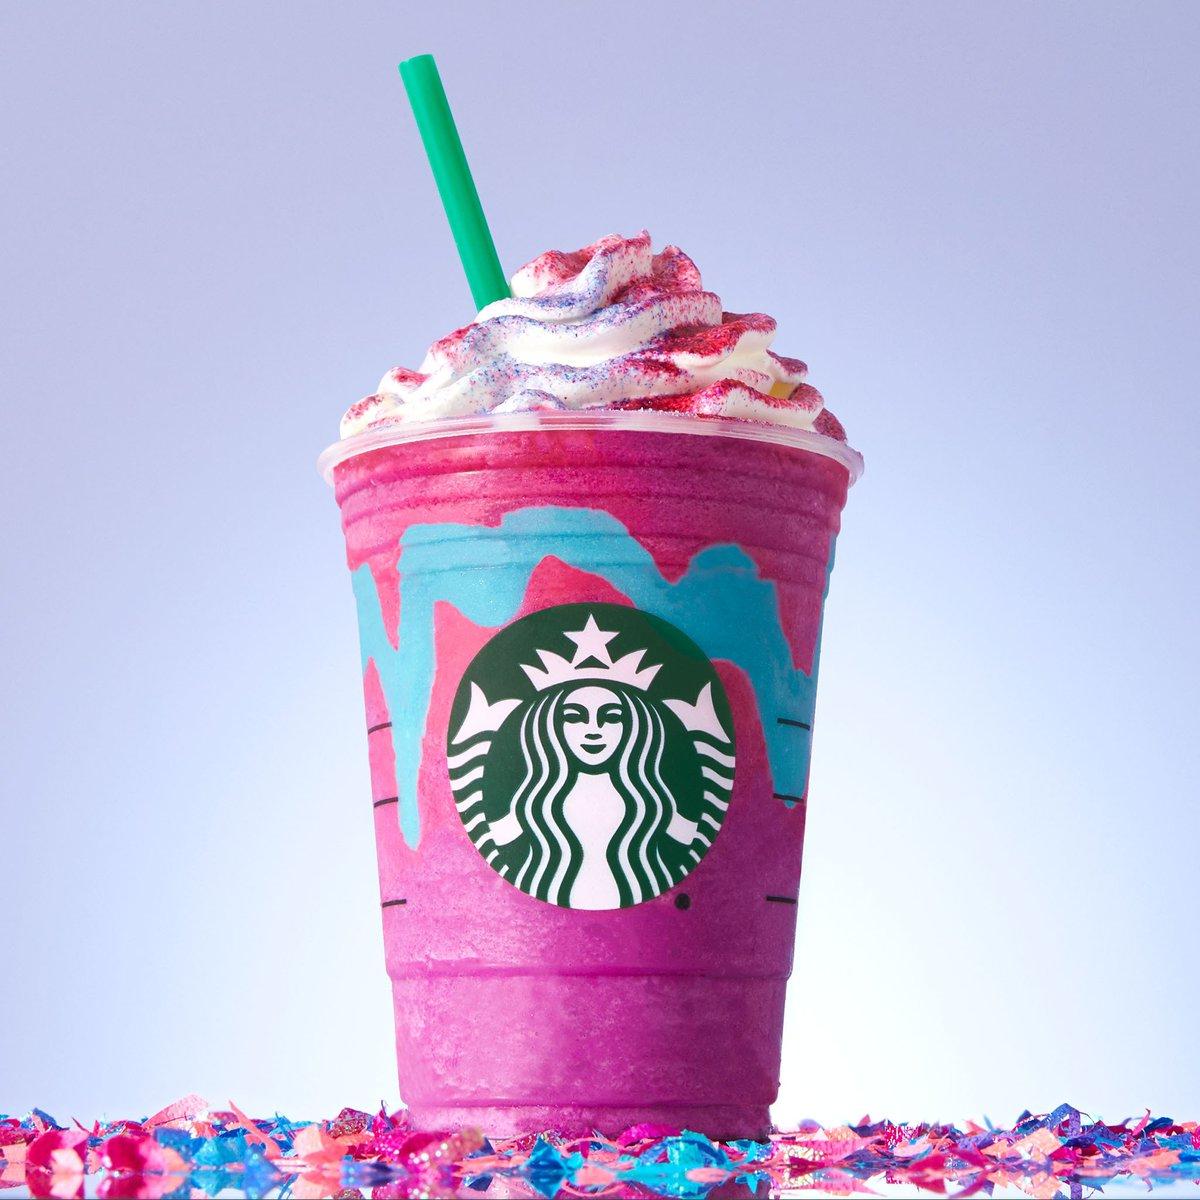 ピンクとブルーの魅惑の味!?ユニコーンフラペチーノの見た目がやばい!